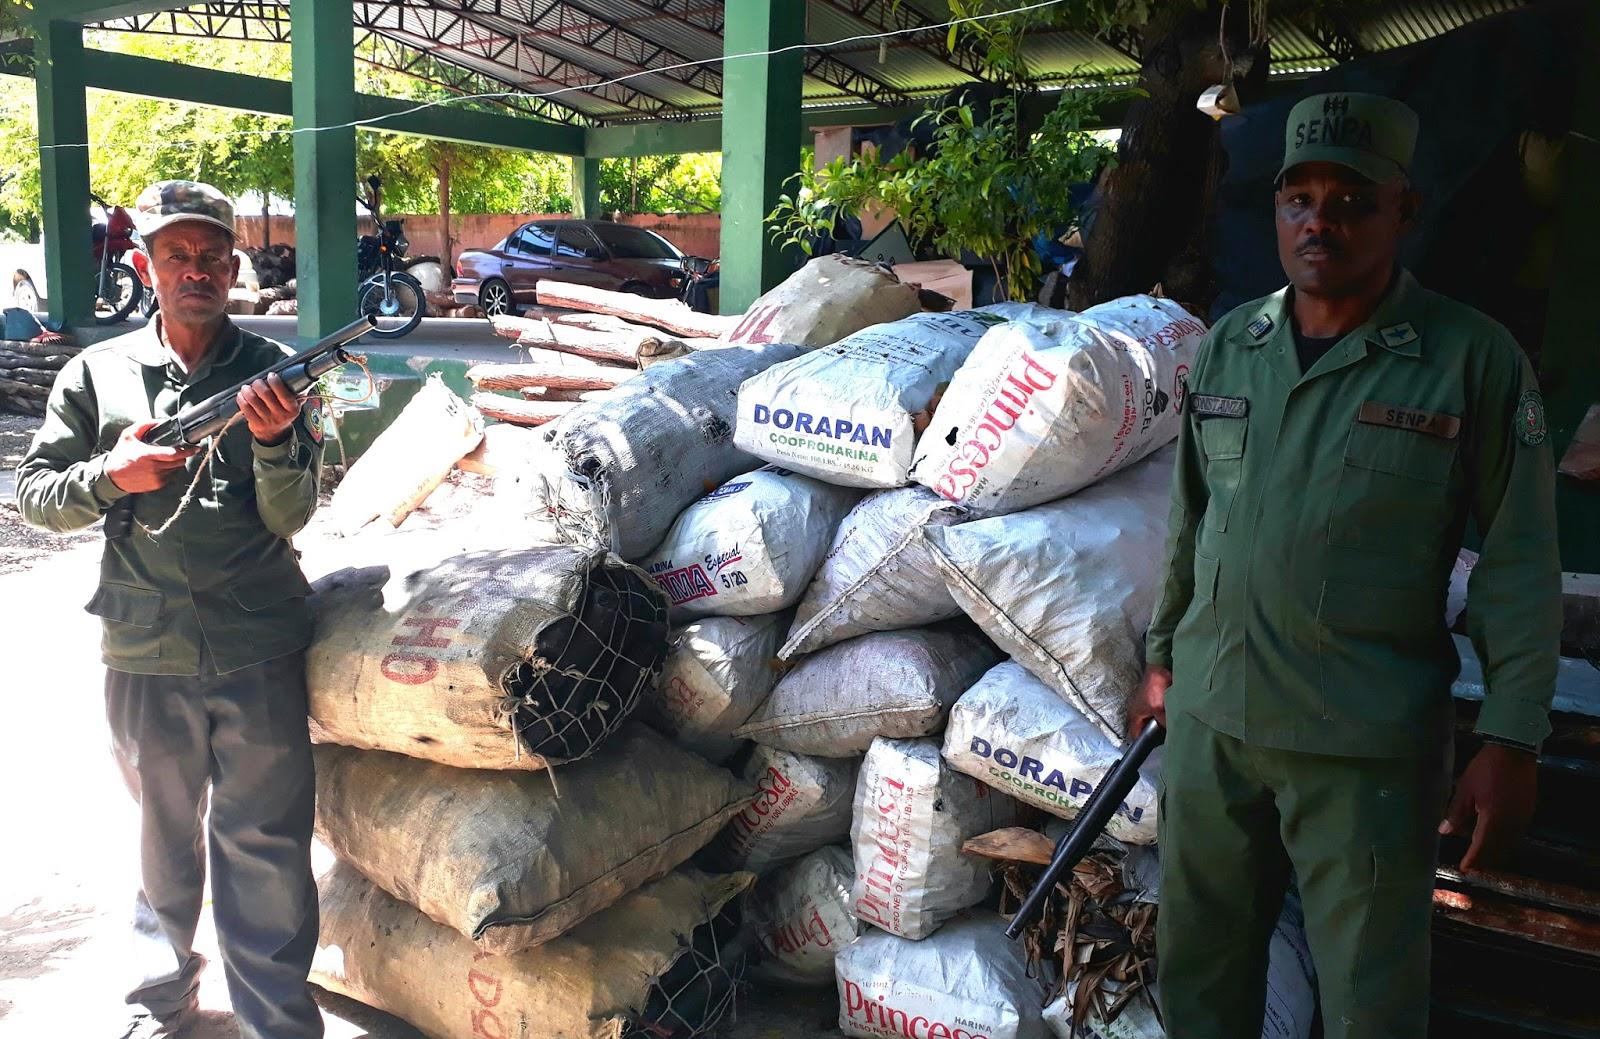 Medio Ambiente decomisa 60 Sacos de Carbón Vegetal, destruye hornos y apresa 10 Nacionales Haitianos en Barahona